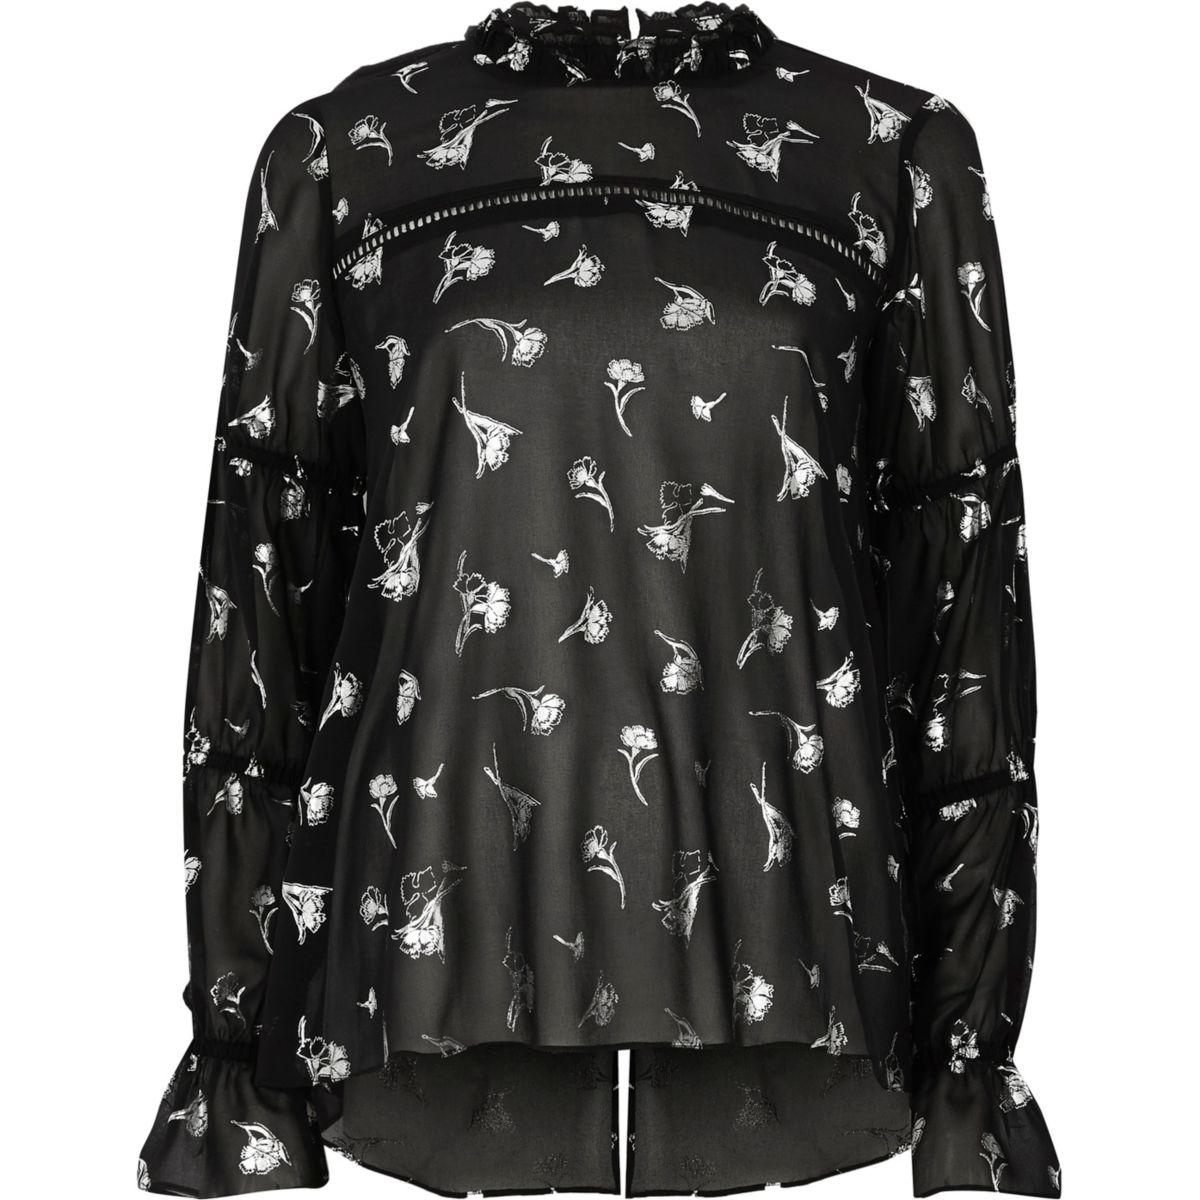 Zwarte chiffon blouse met folieprint van bloemen